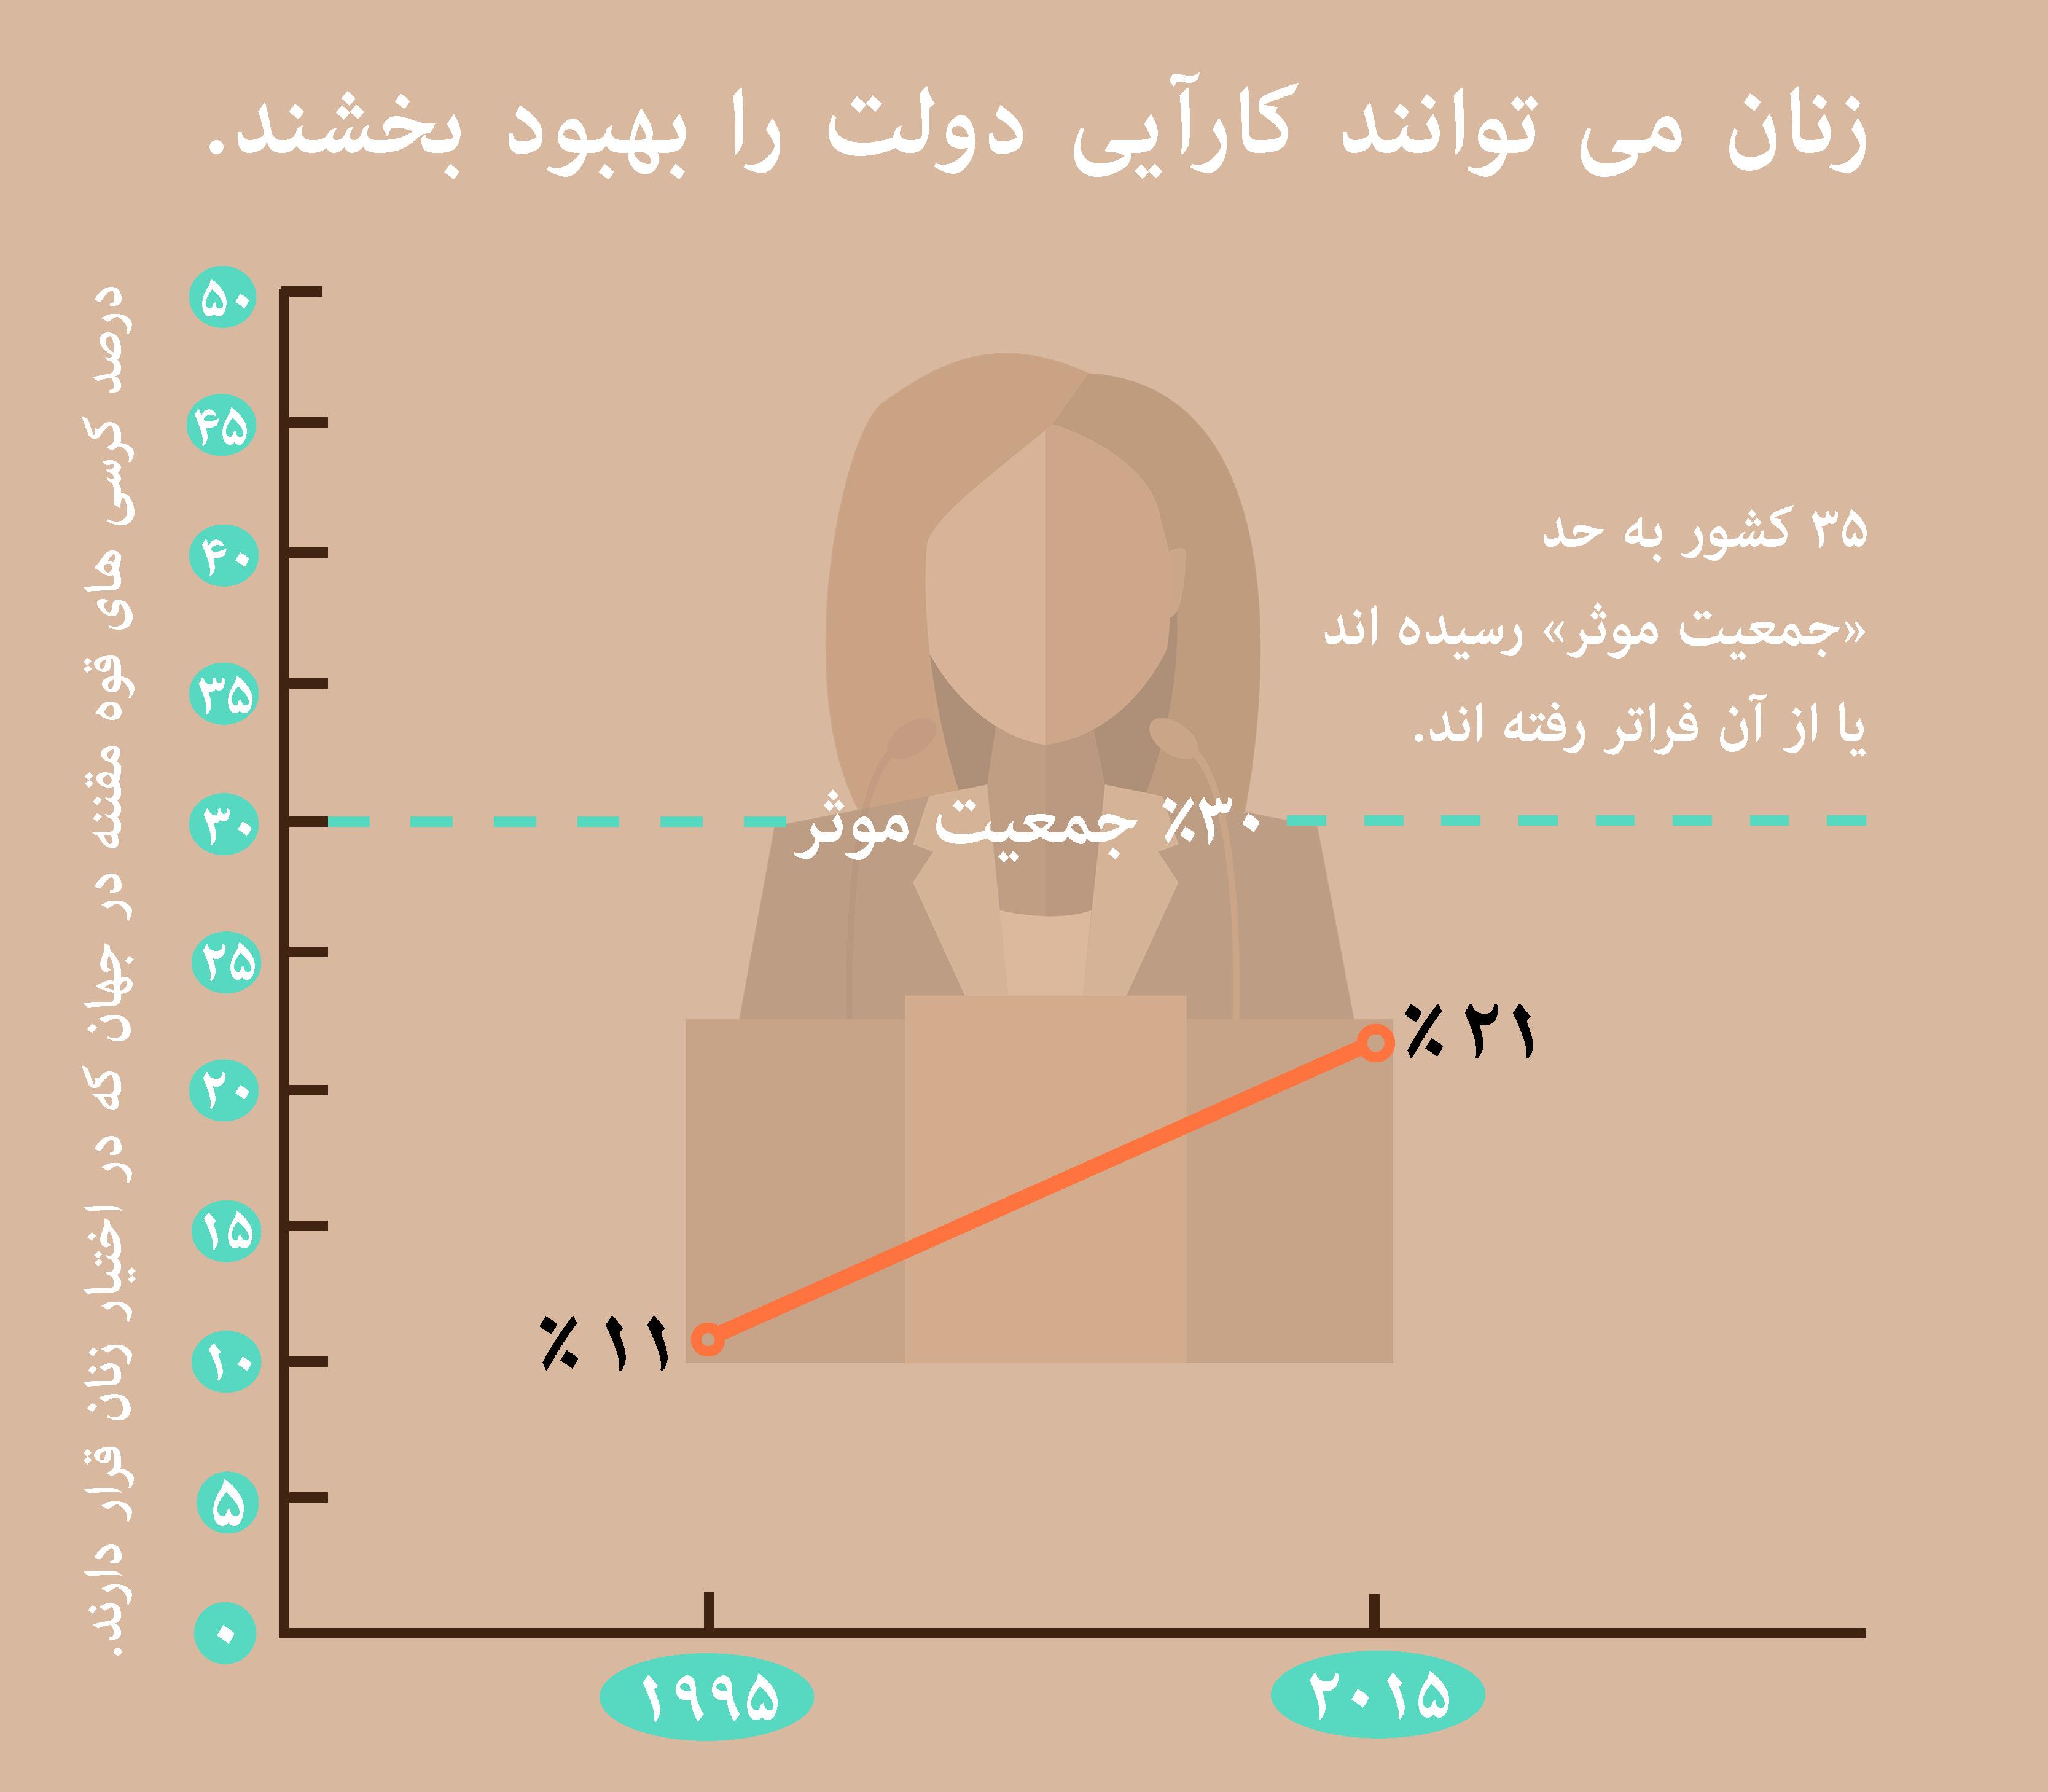 این نمودار تعداد کرسی هایی را که طی ٢۰ سال گذشته در نهادهای قانونگذاری در اختیار زنان قرار گرفته نشان می دهد. (وزارت امور خارجه / ادریک آگوستینی)